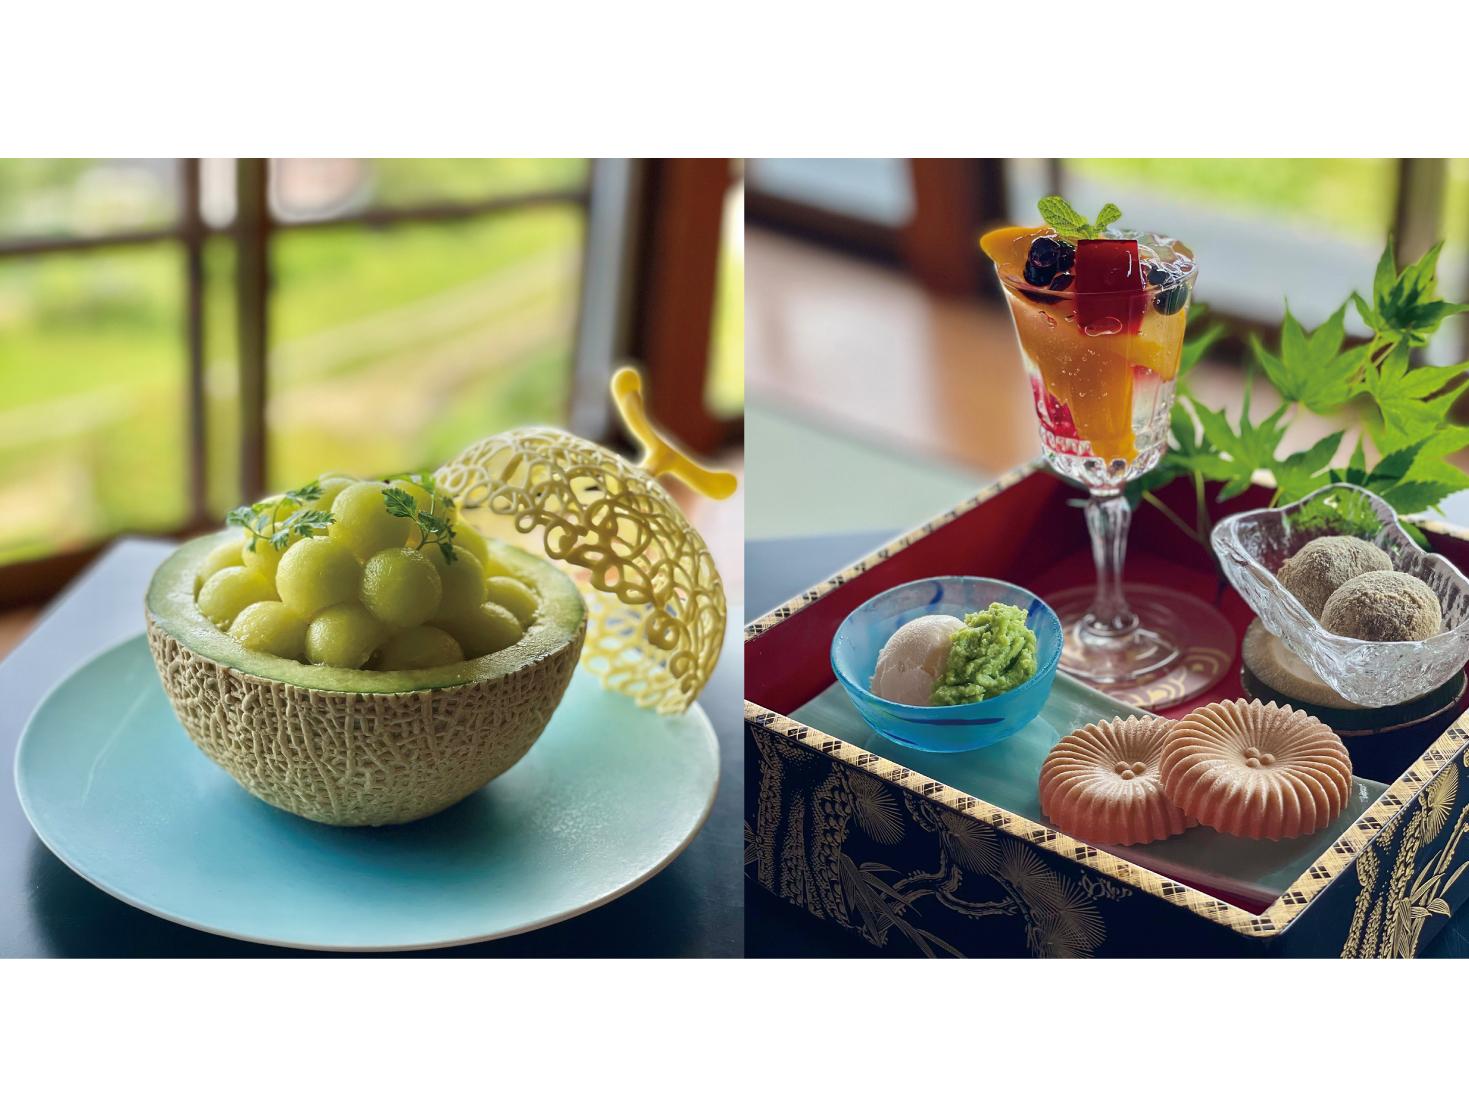 『懐石料理 東洋館』がカフェをオープン 贅を尽くしたスイーツを堪能!